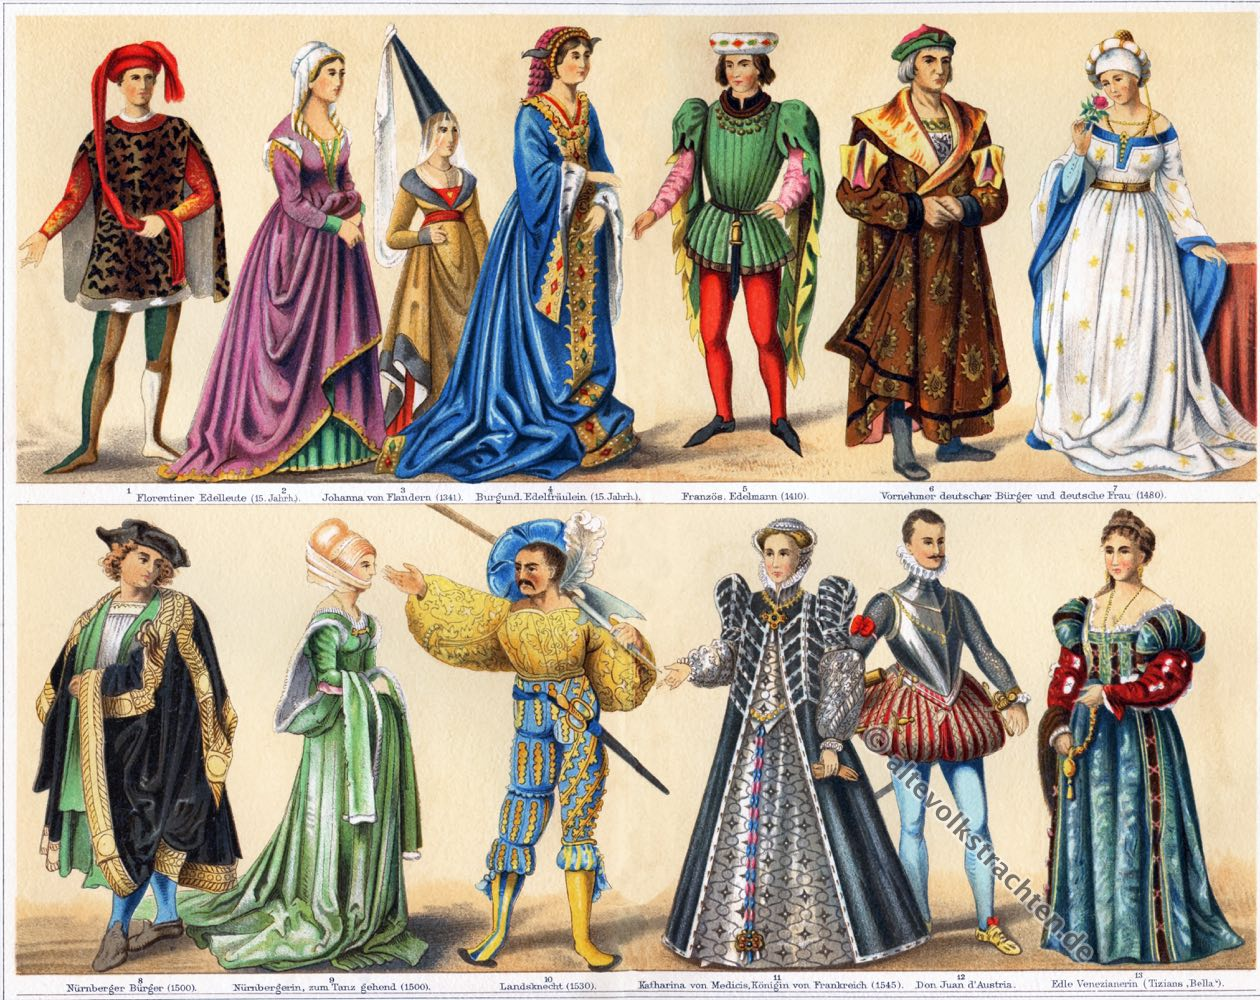 Kostüme, Mode, Burgund, Modegeschichte, Renaissance